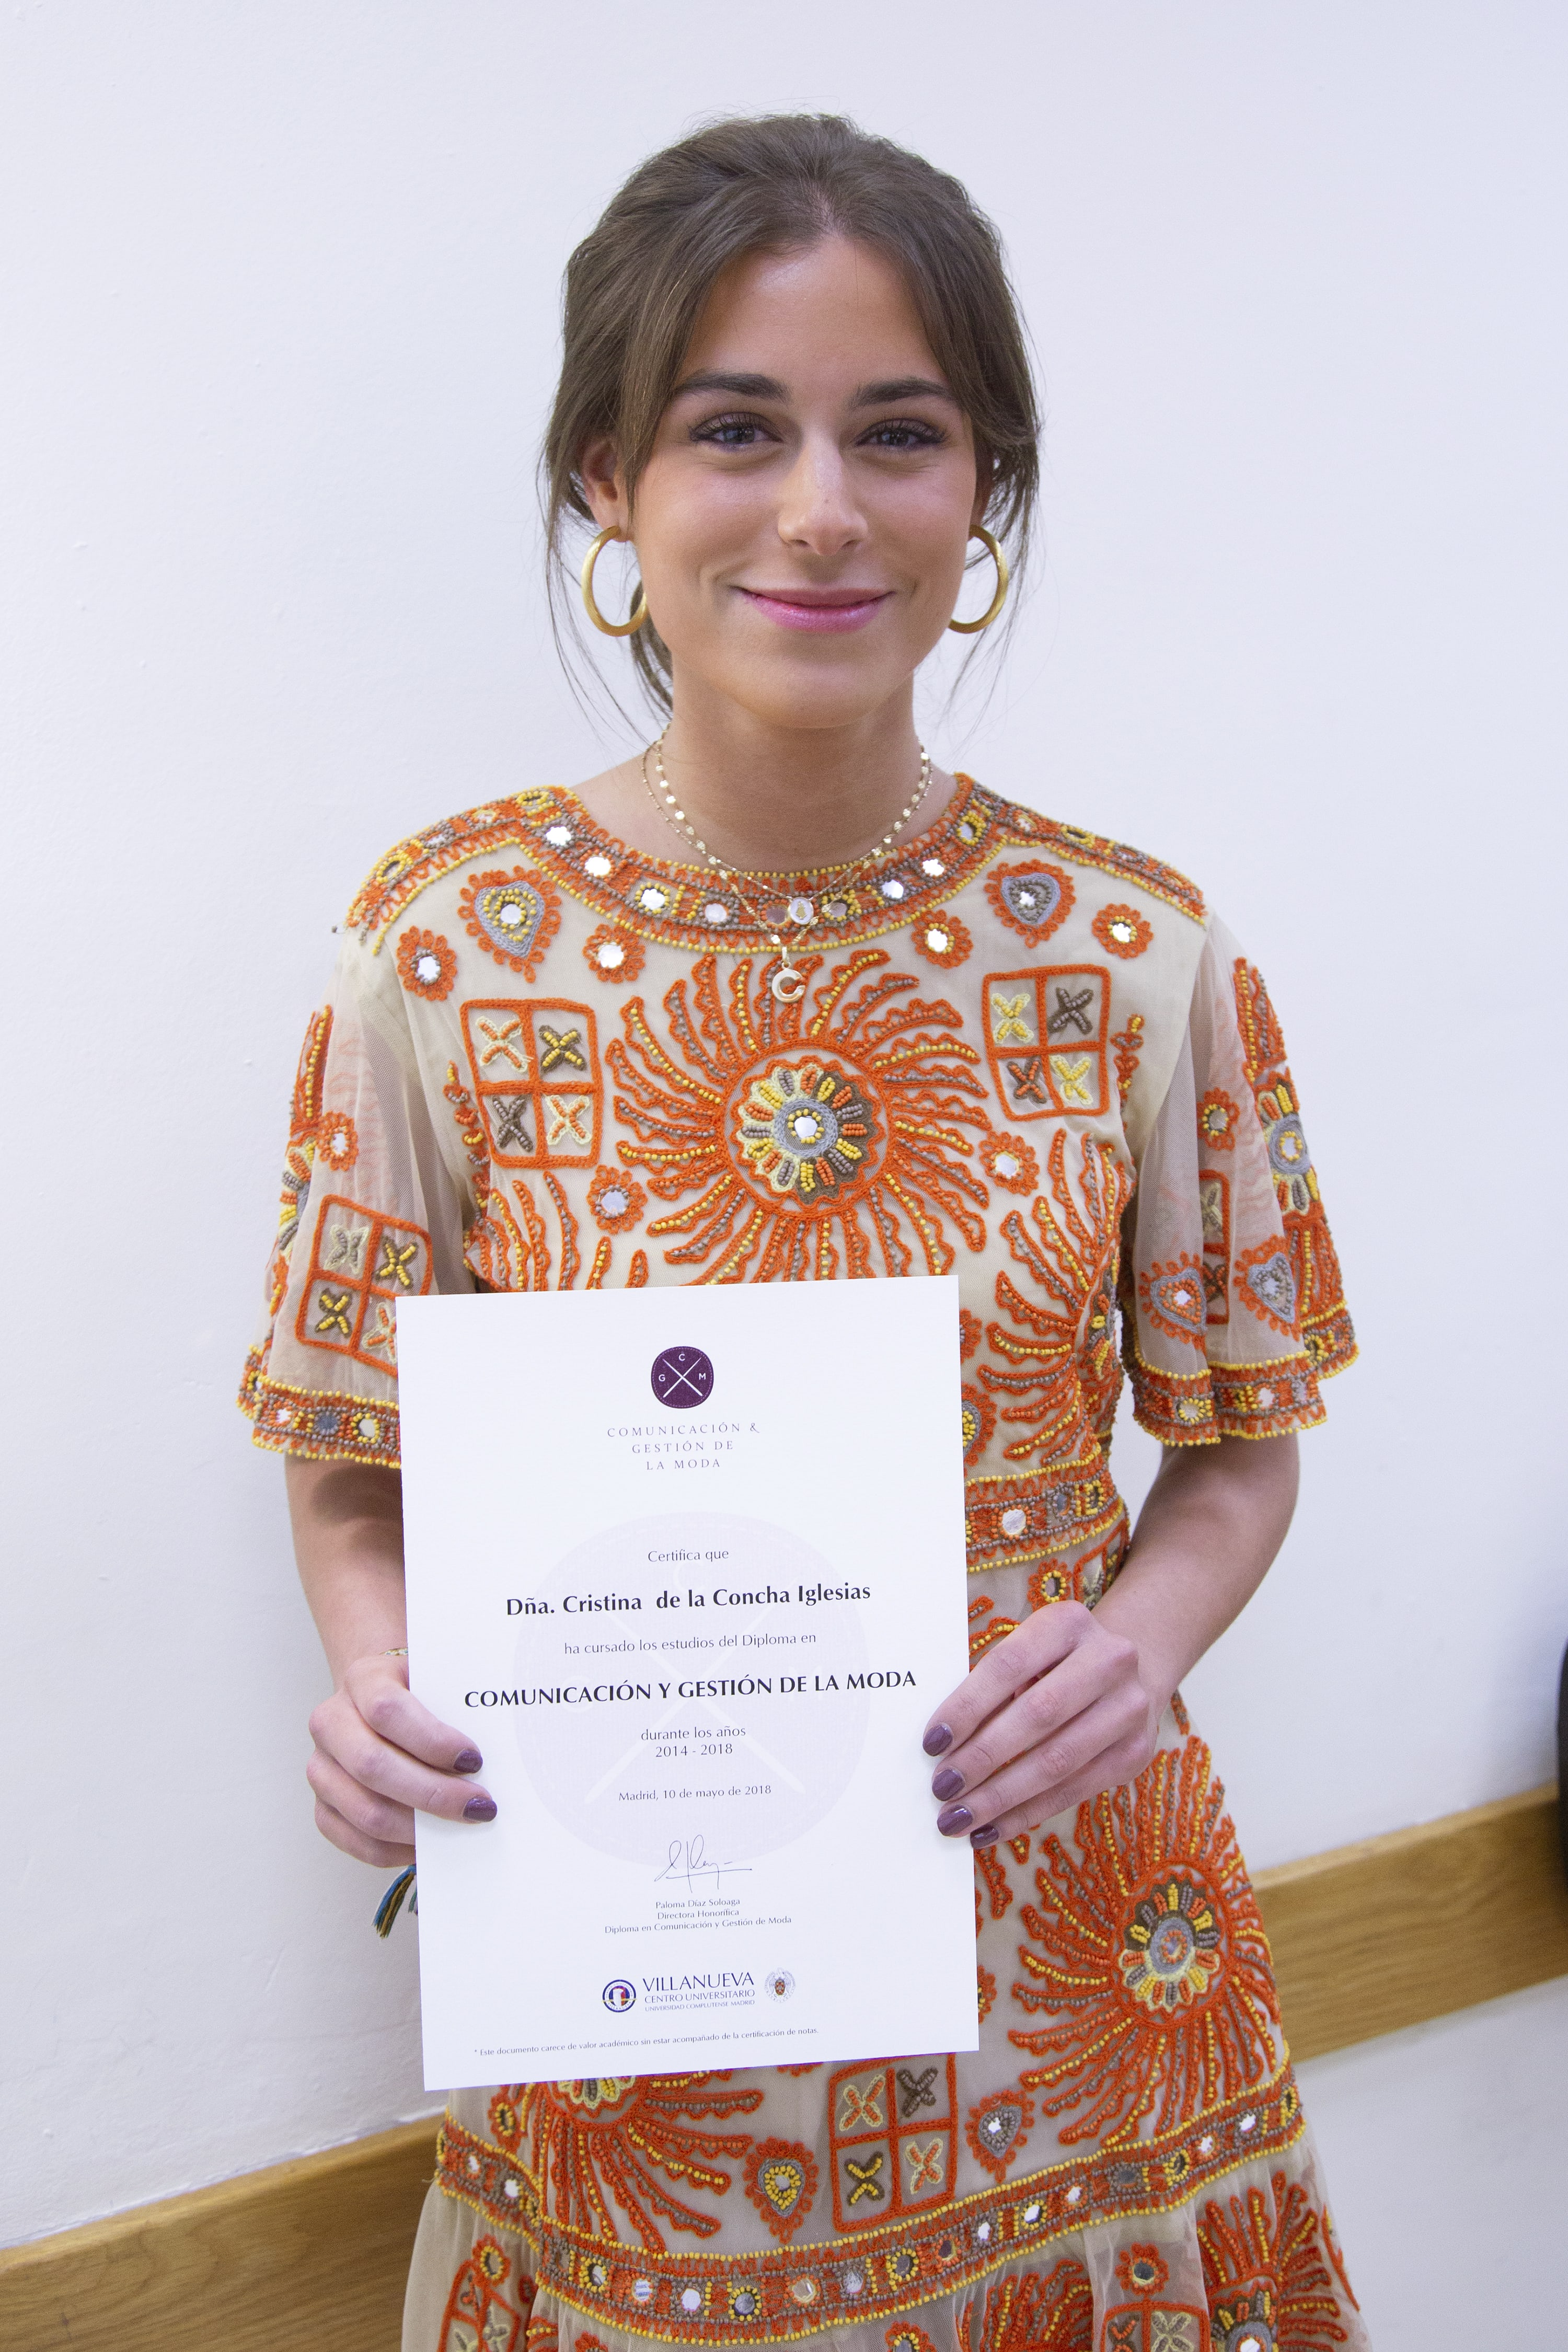 Cristina de la Concha